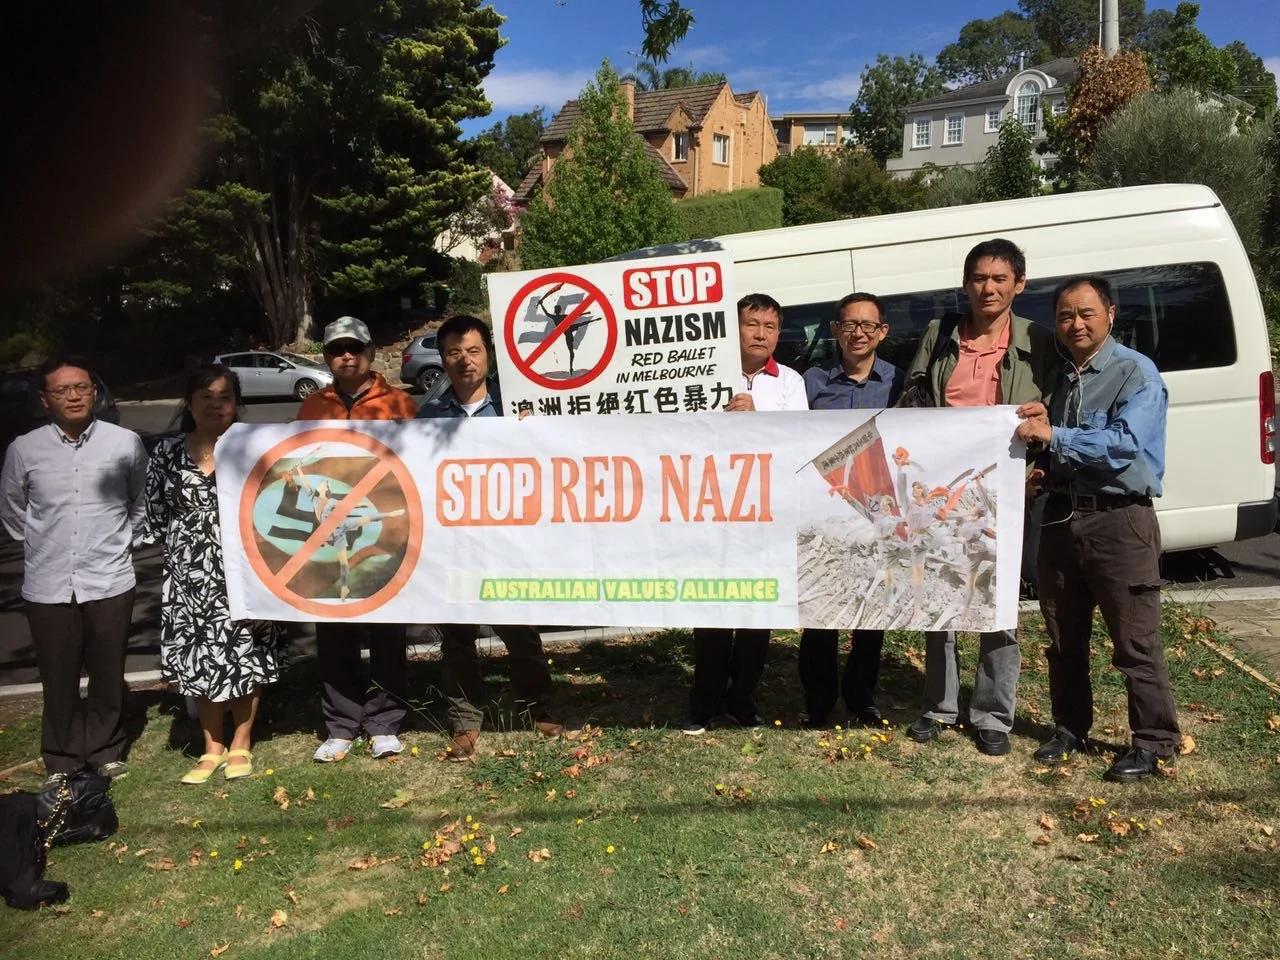 澳大利亚近200人集会 抗议《红色娘子军》在墨尔本上演